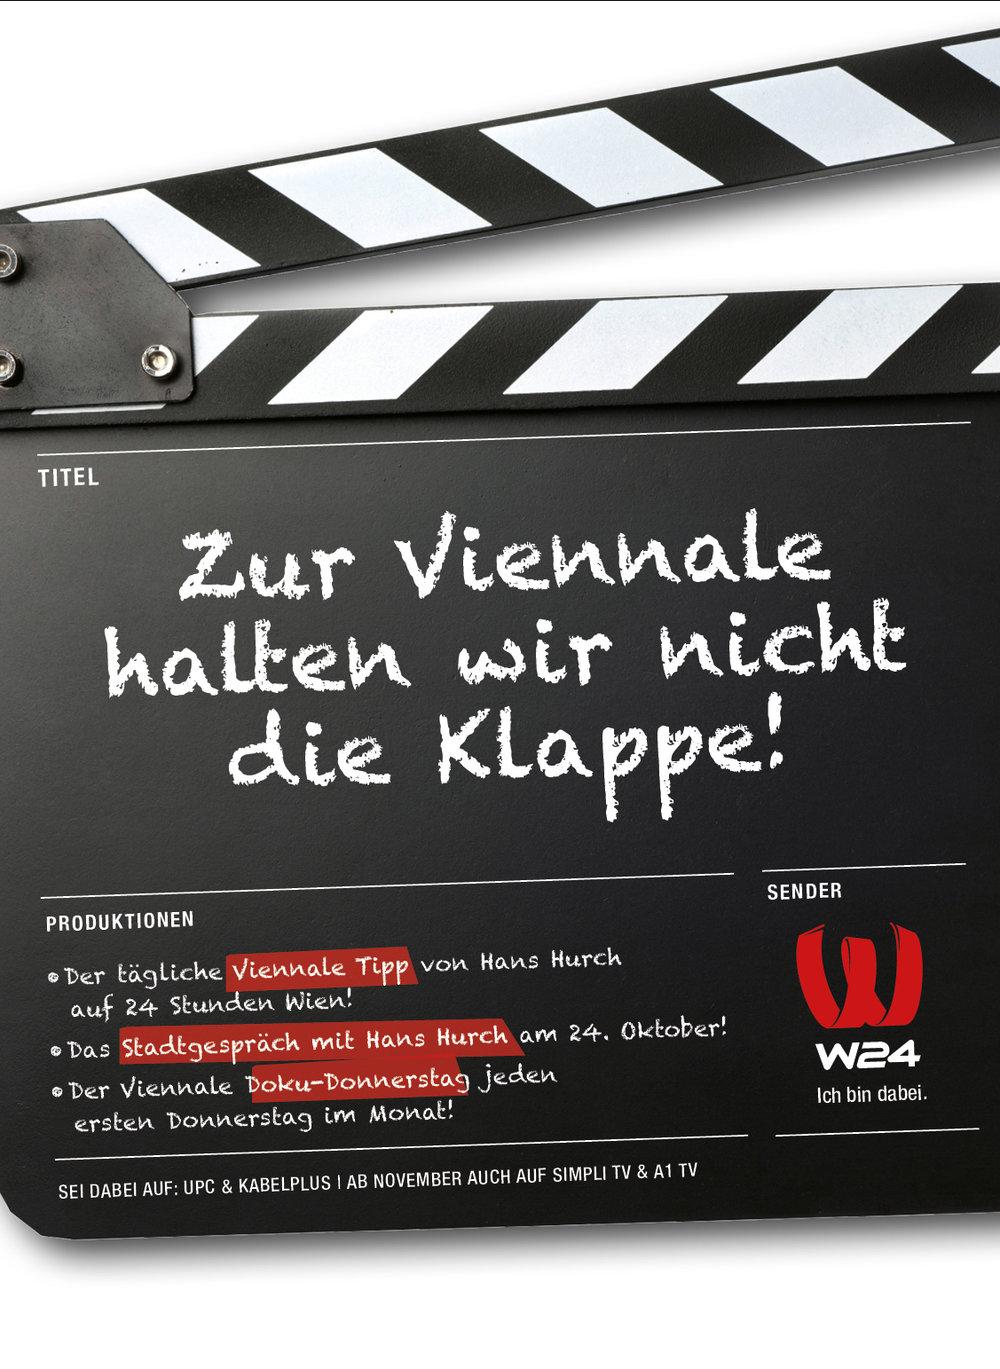 W24 Viennale.jpg